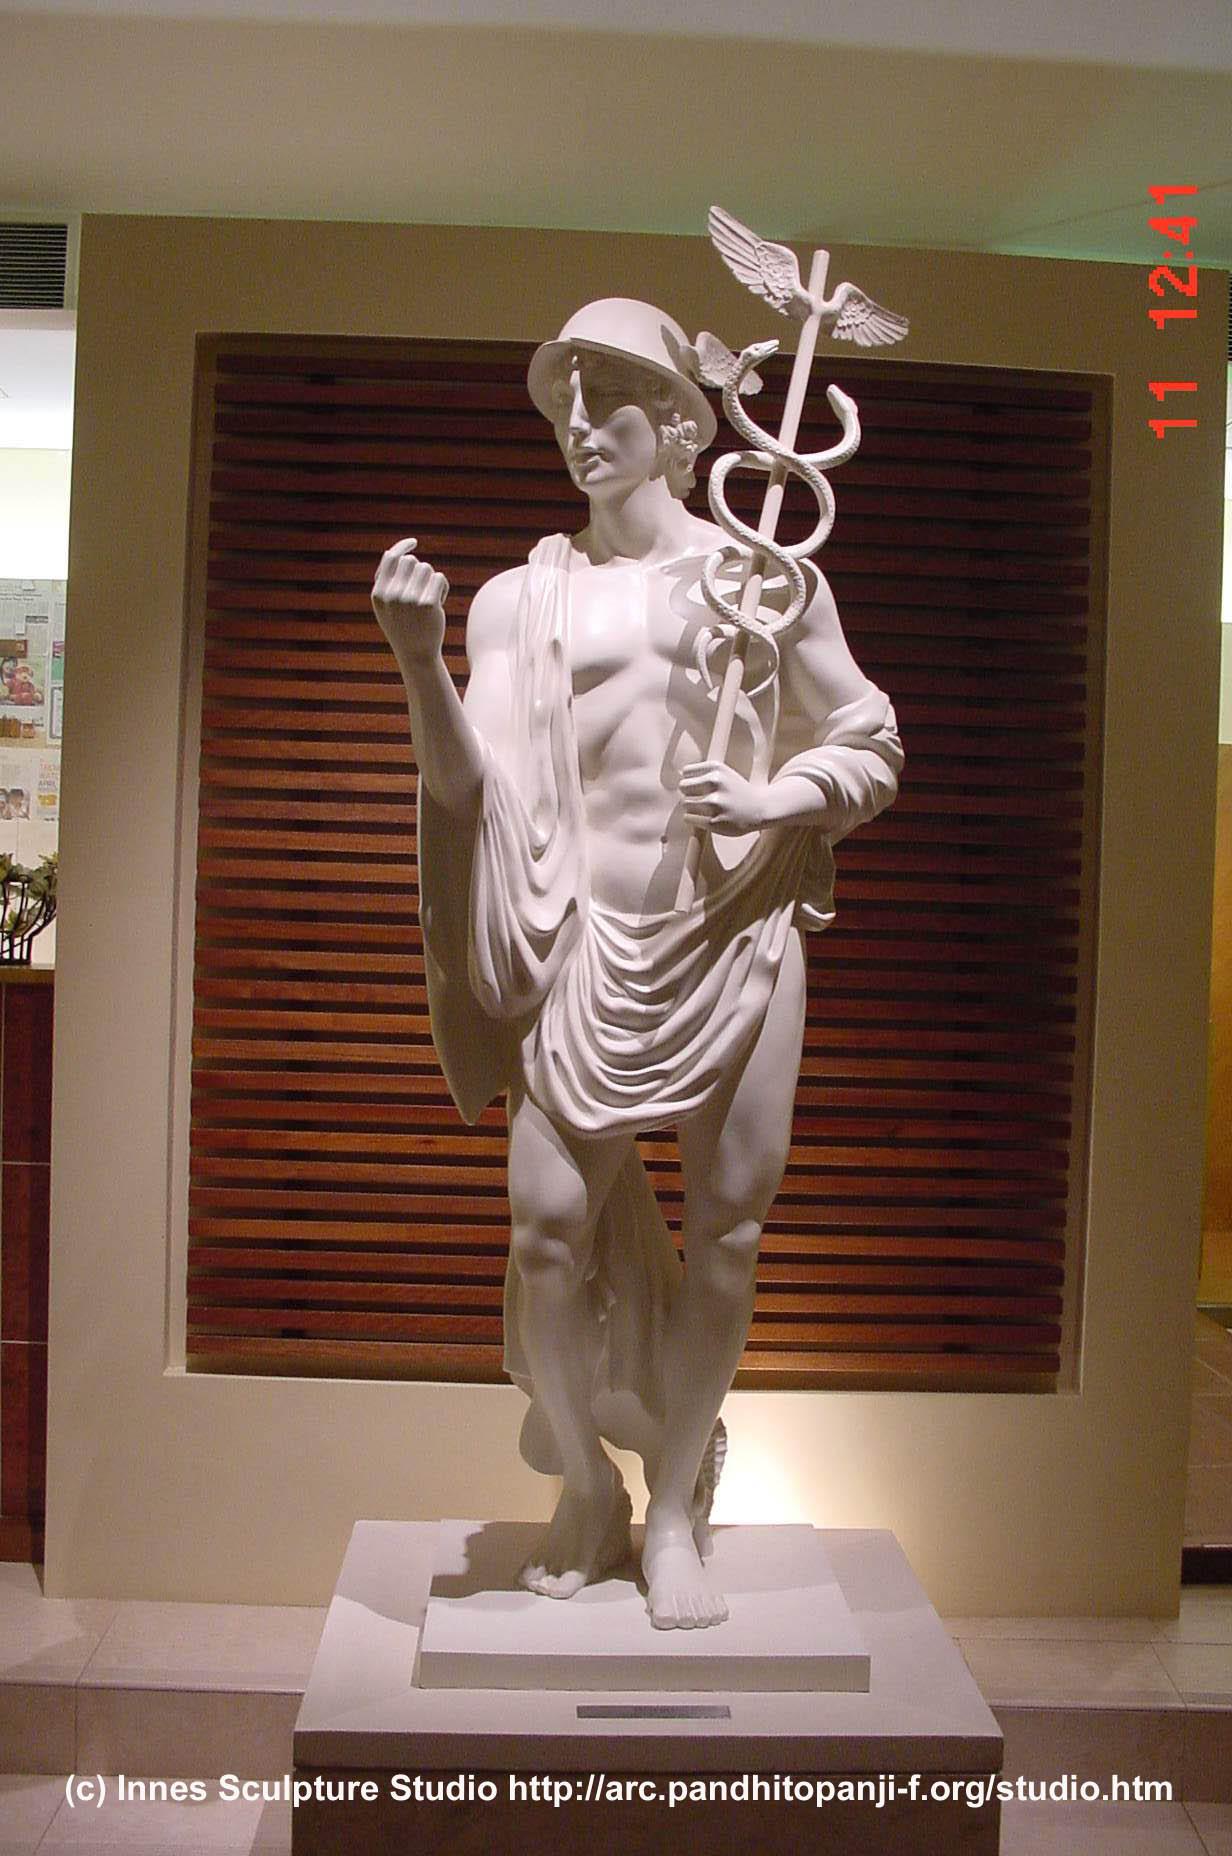 Hermes Statue En honor a las nueve musasHermes Statue Face